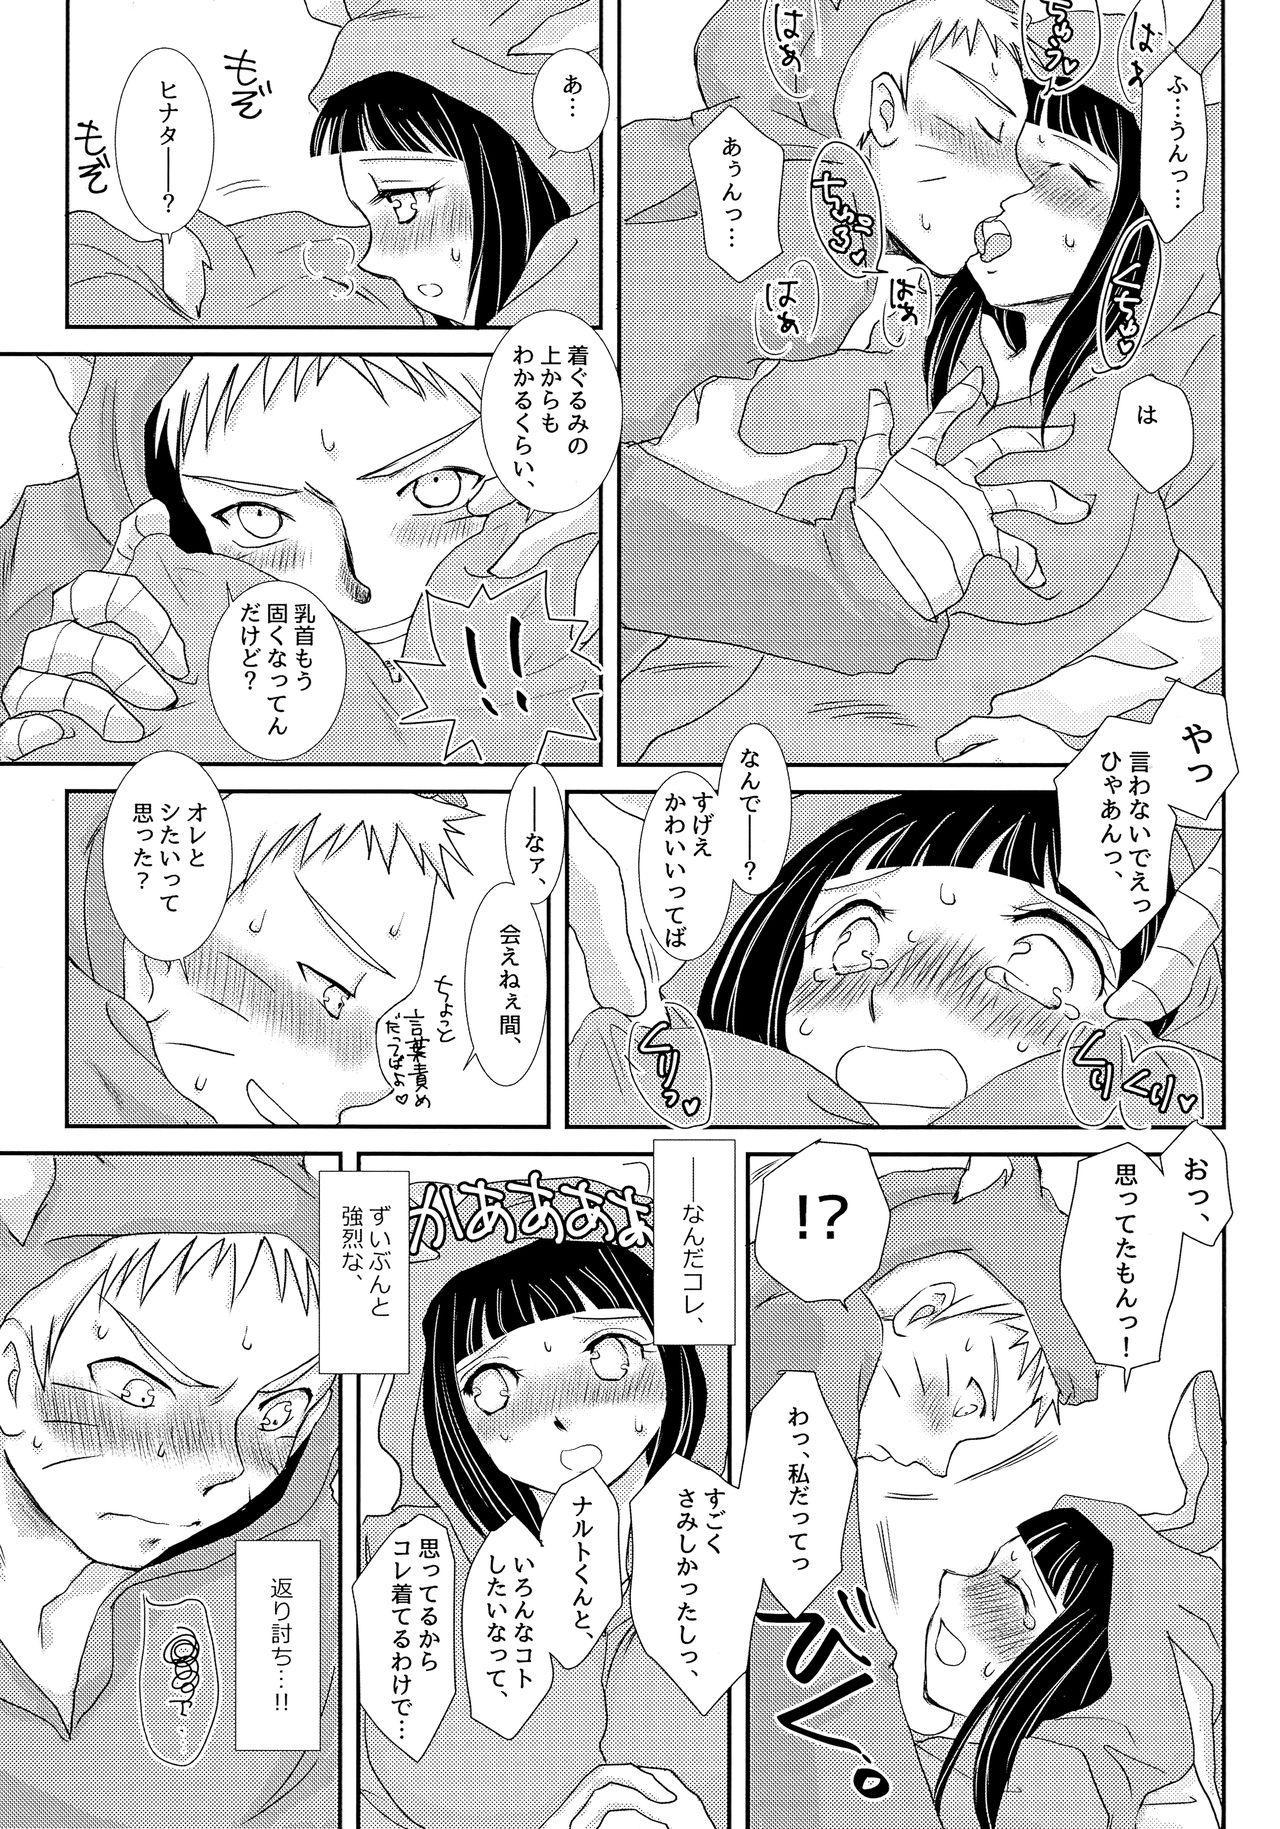 Momoiro Usagi to Hara Peko Kitsune 3